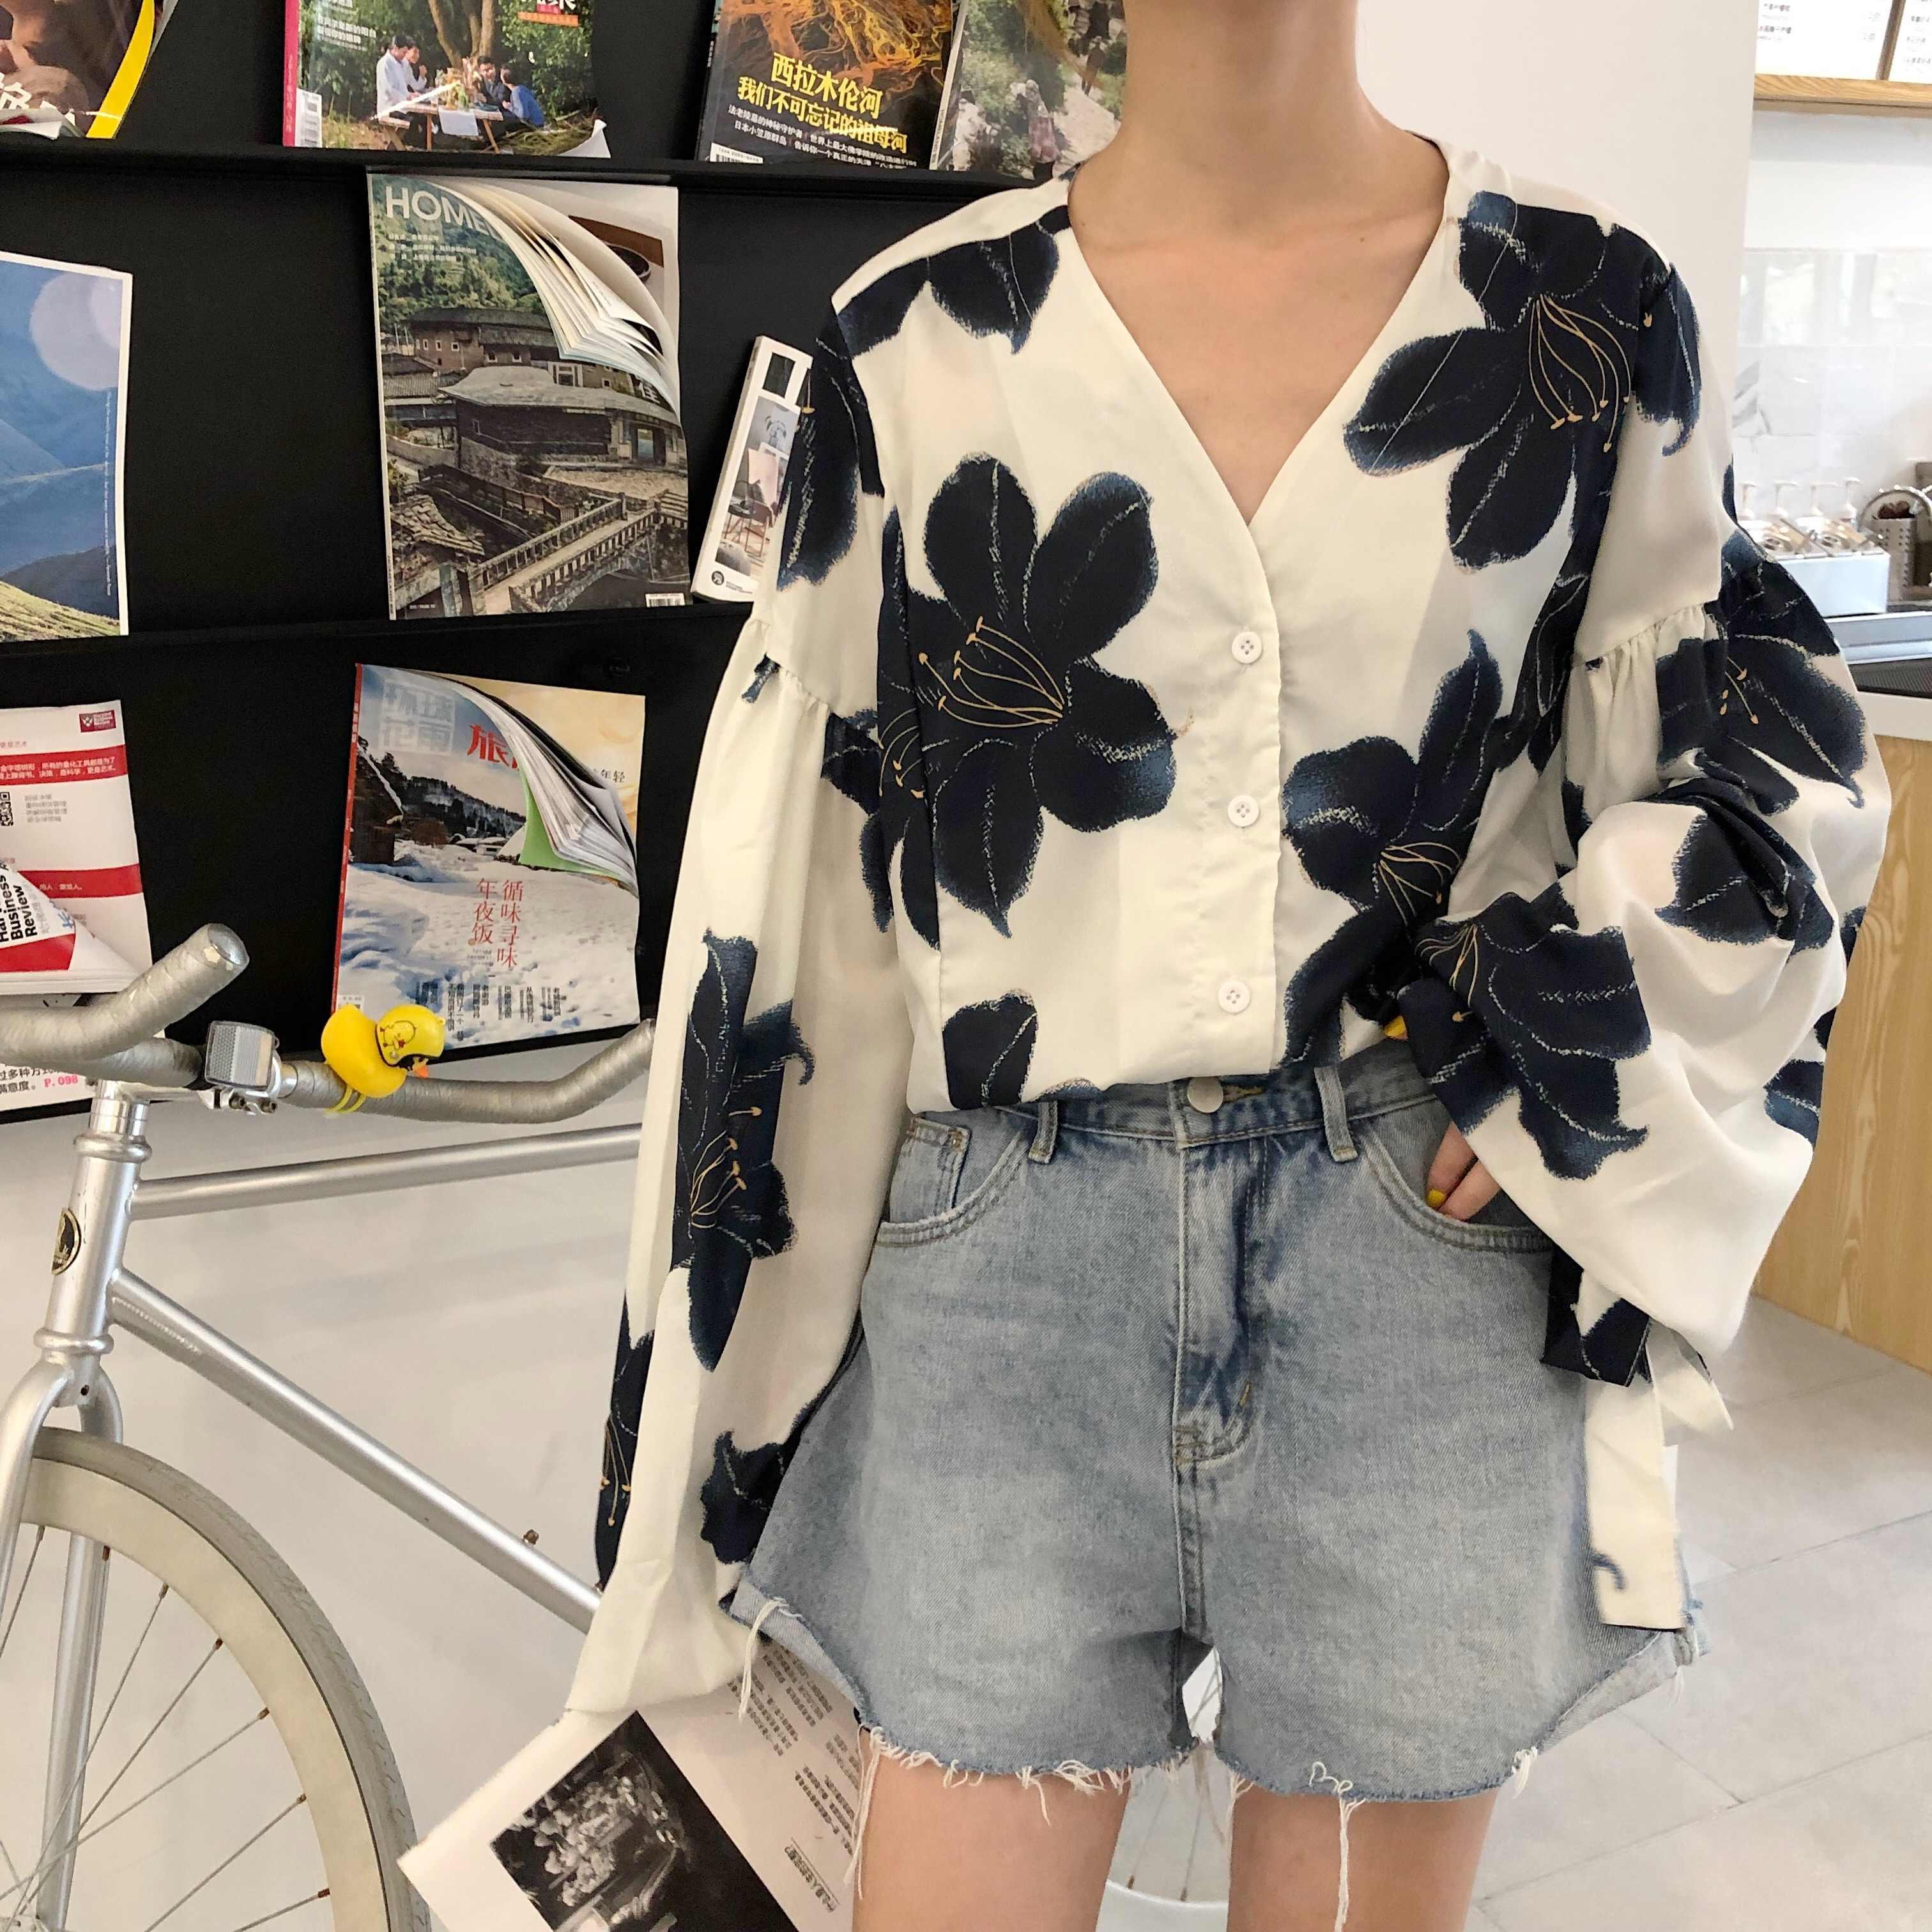 WHITNEY WANG Blouses 2020 printemps mode Streetwear lanterne manches Florals imprimé en mousseline de soie Blouse femmes Blusas dame petit haut